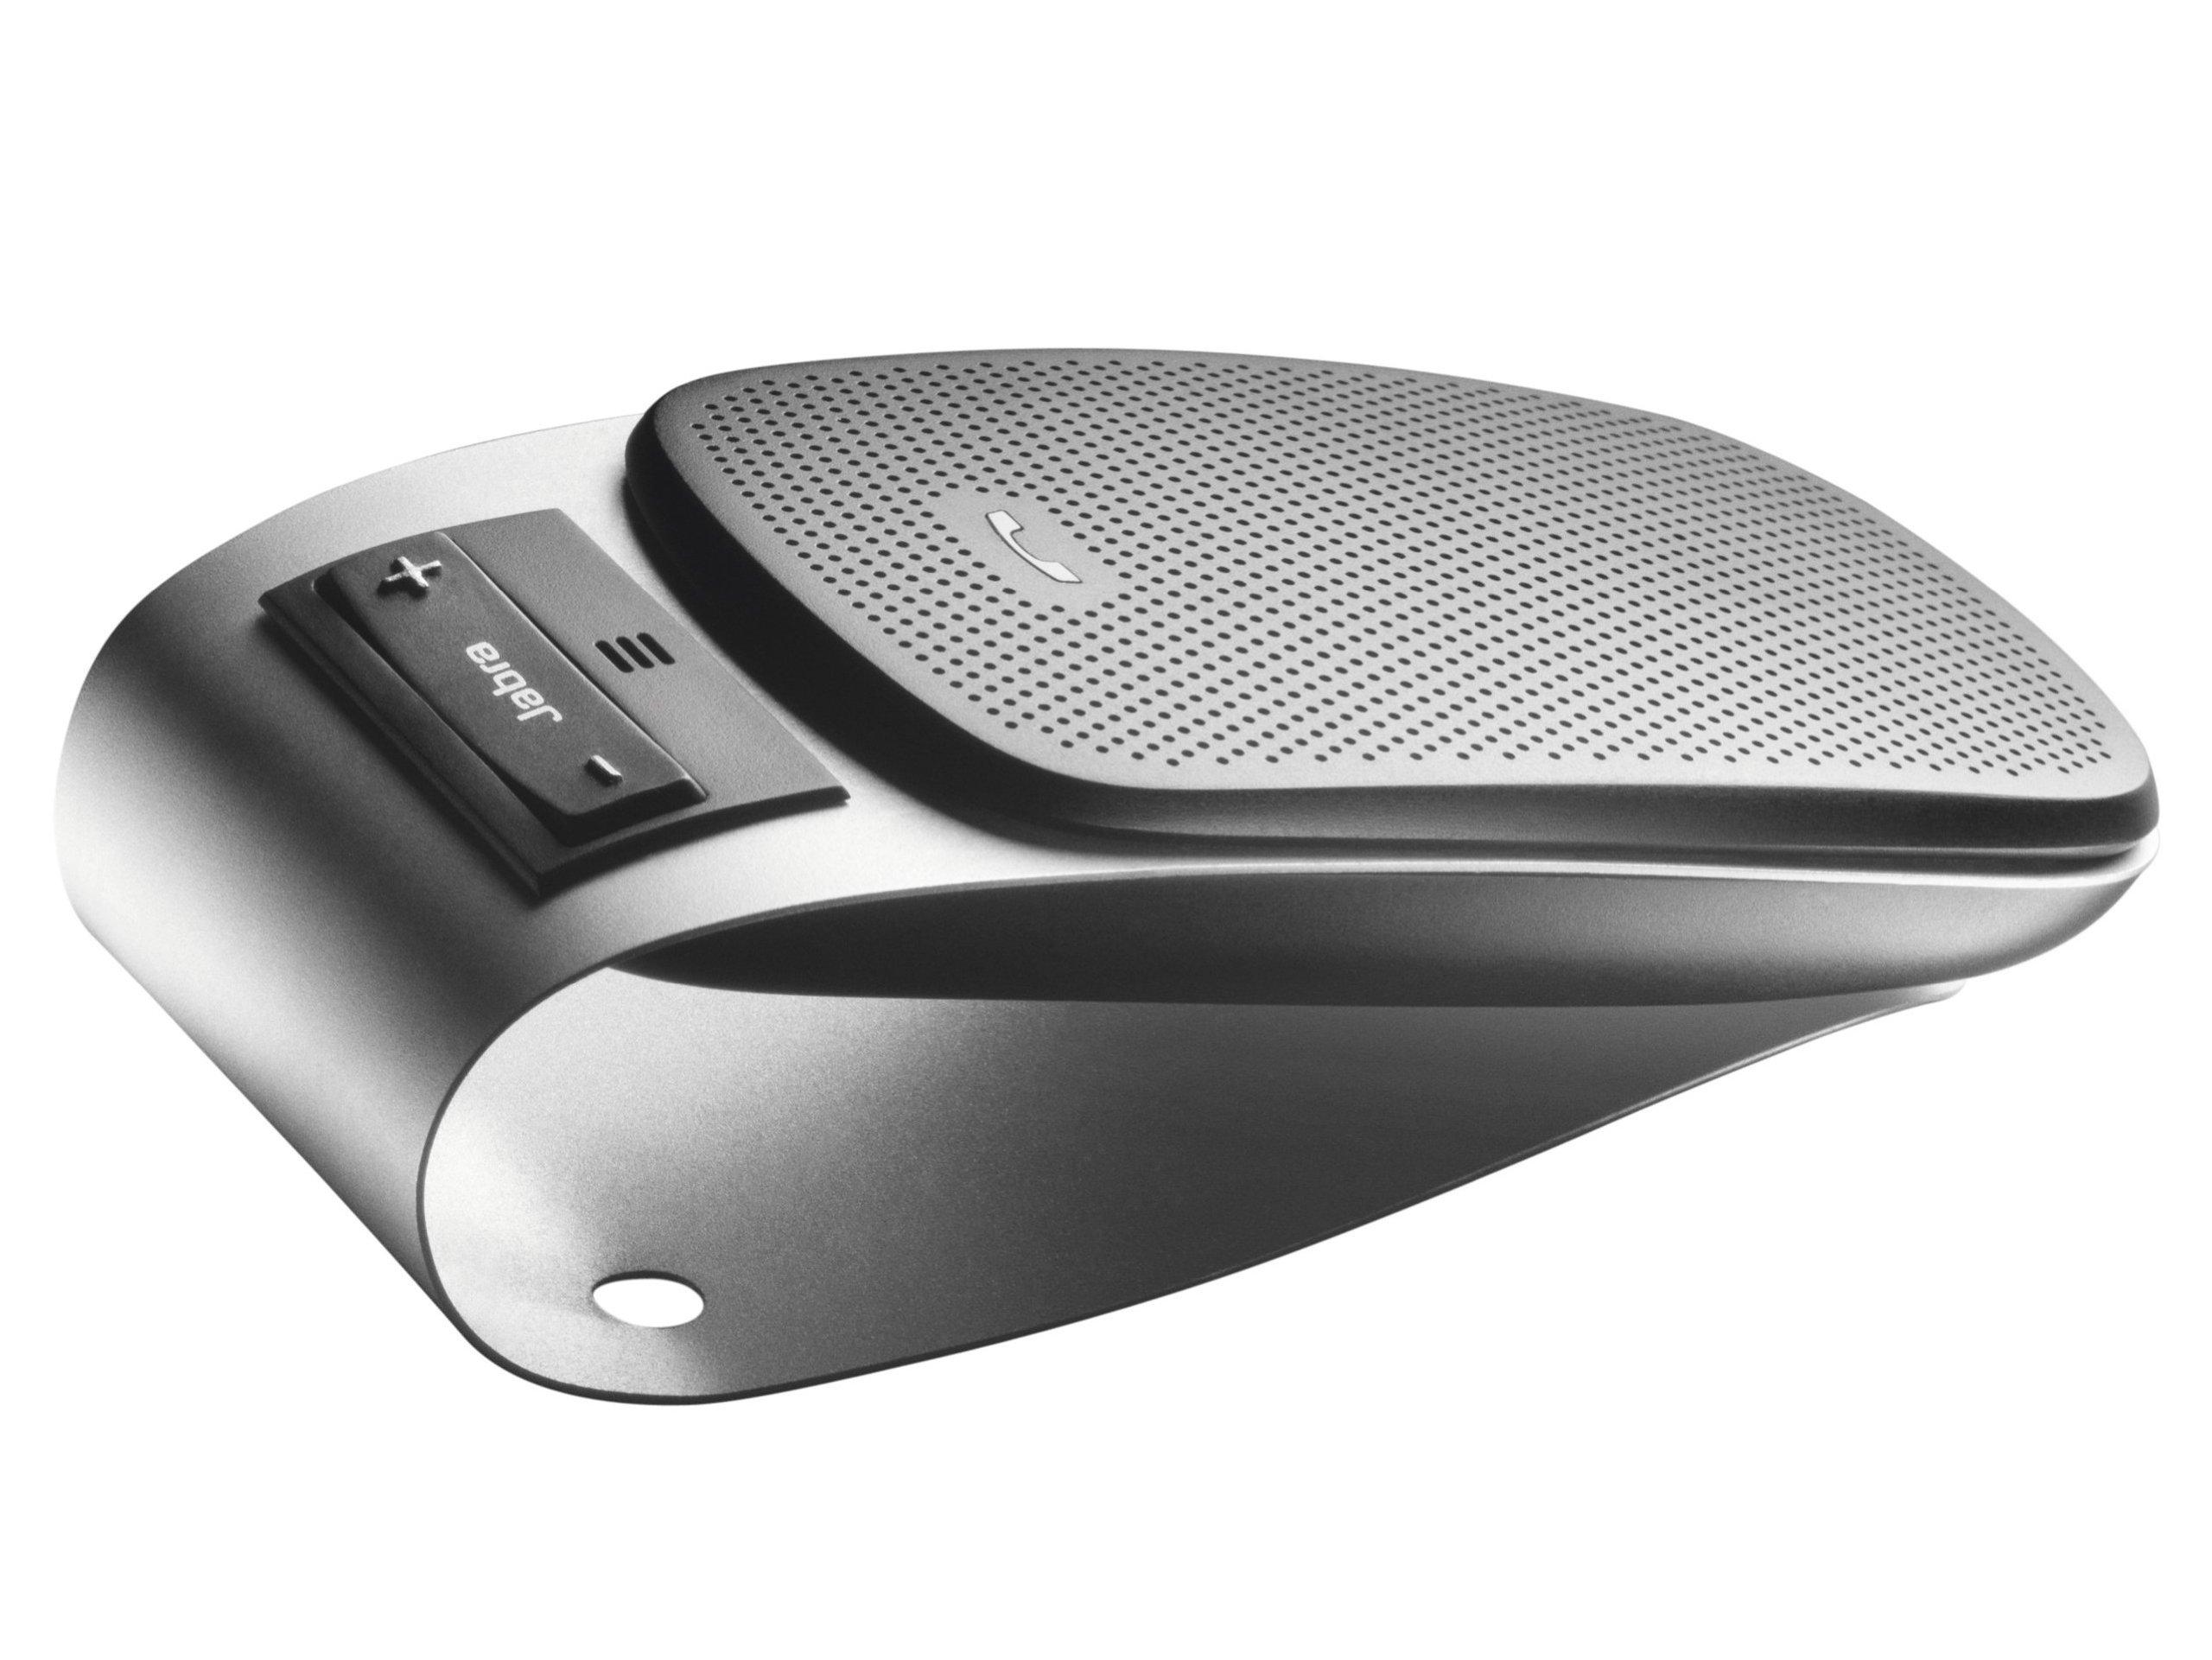 Jabra Drive Bluetooth In-Car Speakerphone (U.S. Retail Packaging) by Jabra (Image #2)